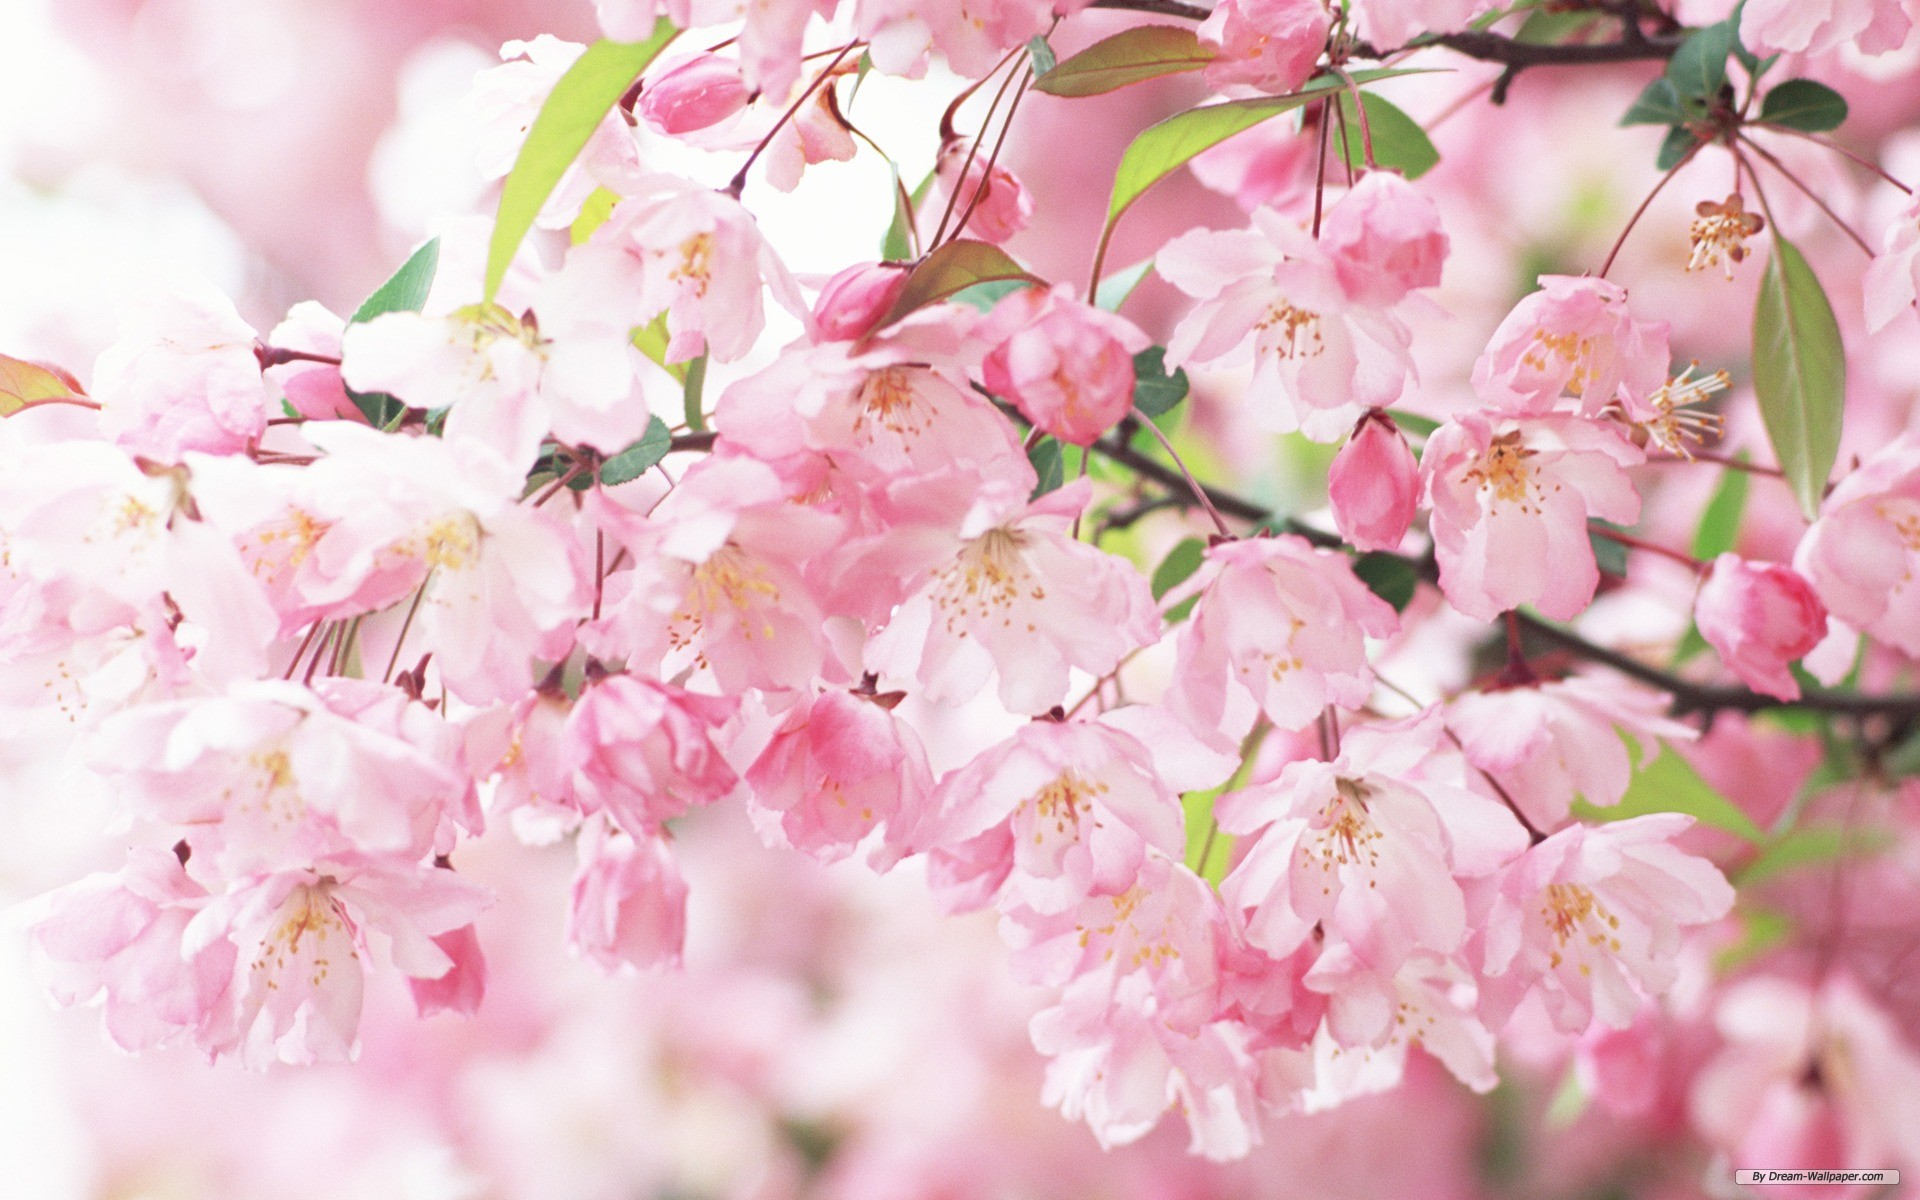 Popular Wallpaper High Resolution Flower - High-Resolution-Flowers-Wallpapers-019  Pictures_869969.jpg